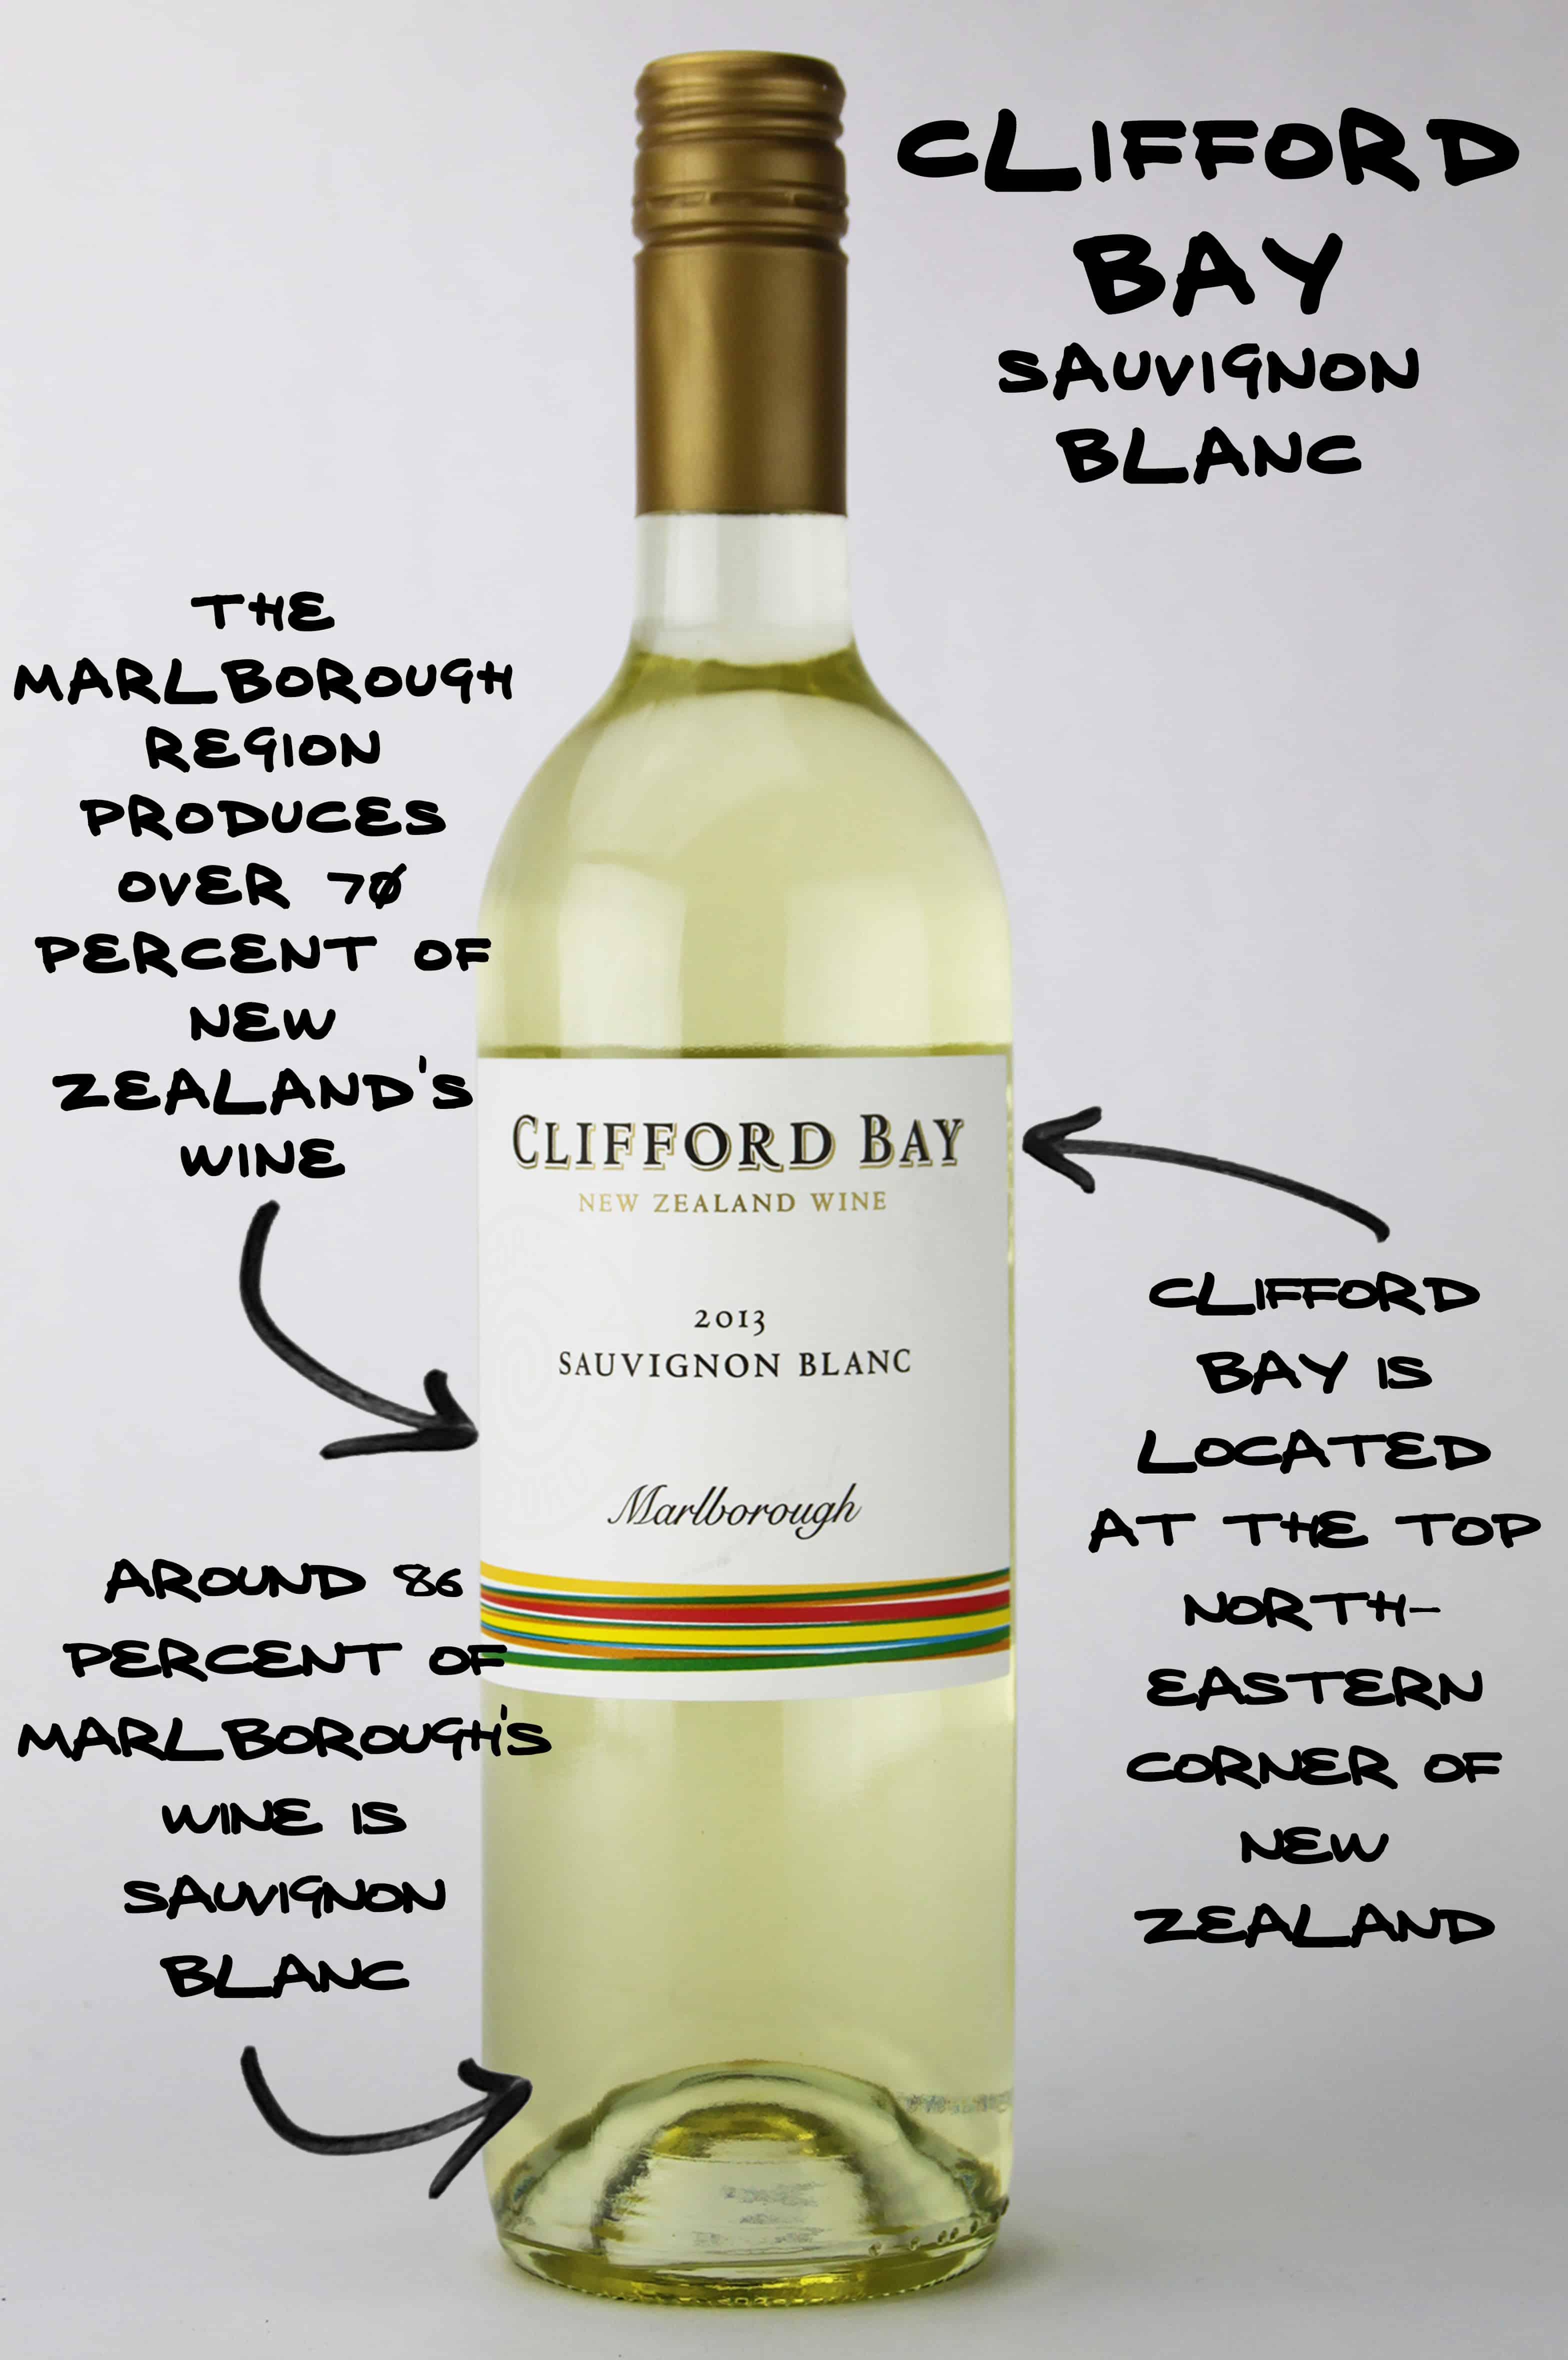 Clifford Bay Sauvignon Blanc